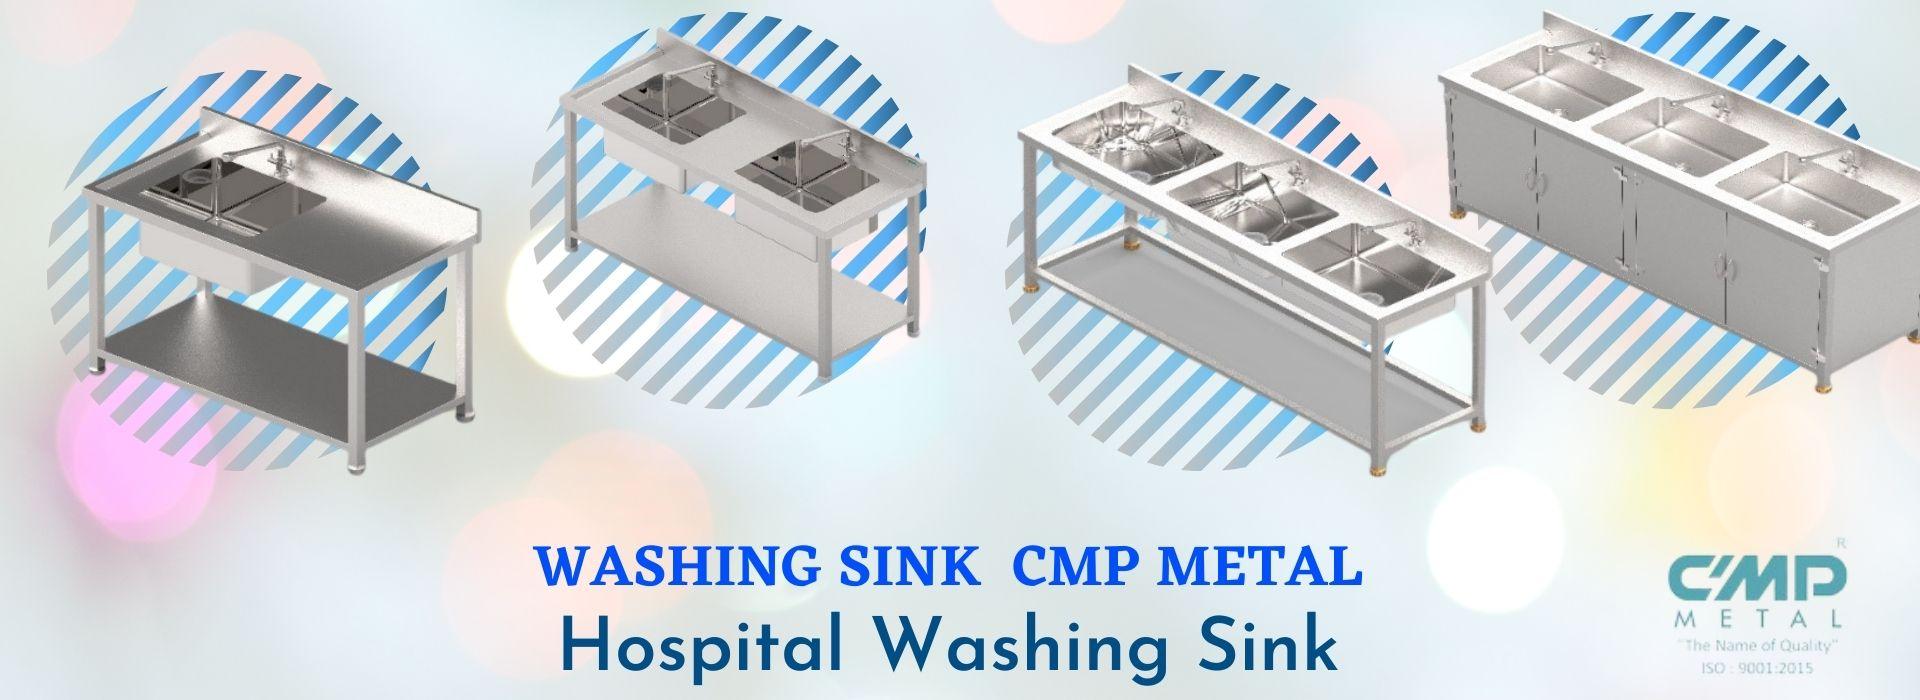 Washing Sink Cmp Metal Hospital Washing Sink